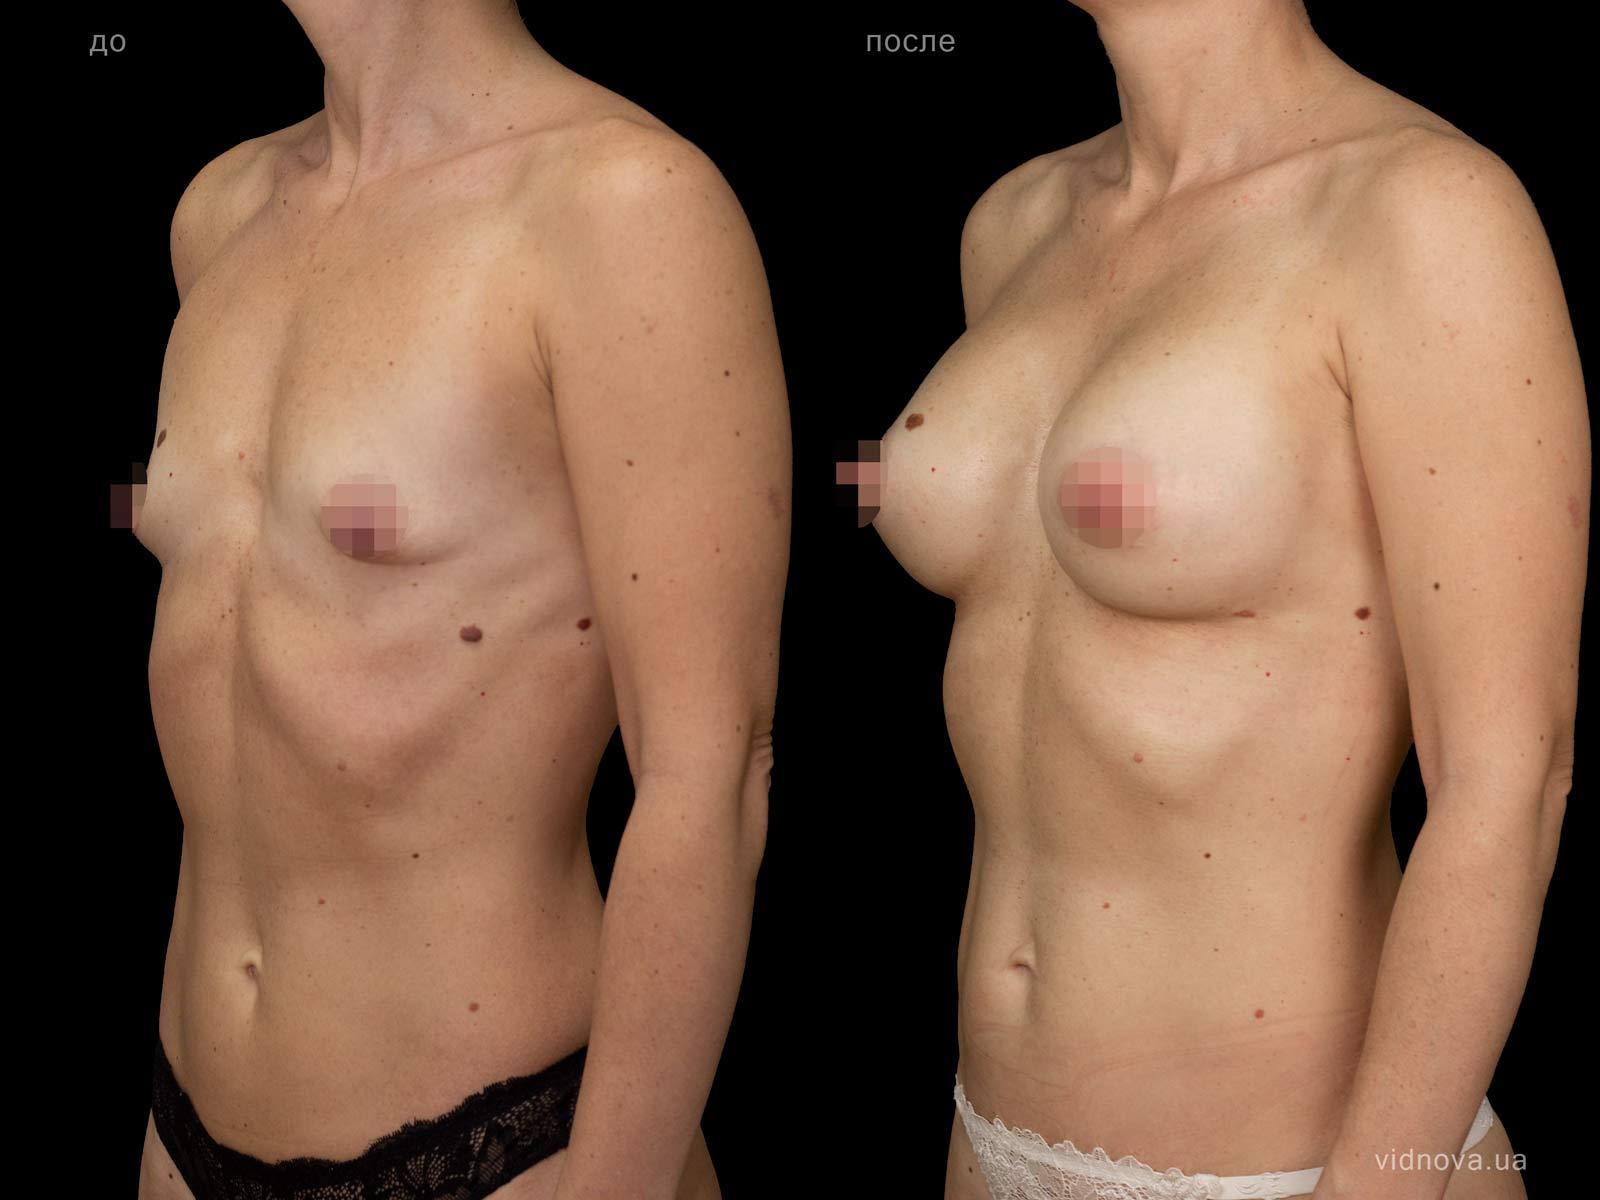 Пластика груди: результаты до и после - Пример №83-1 - Светлана Работенко